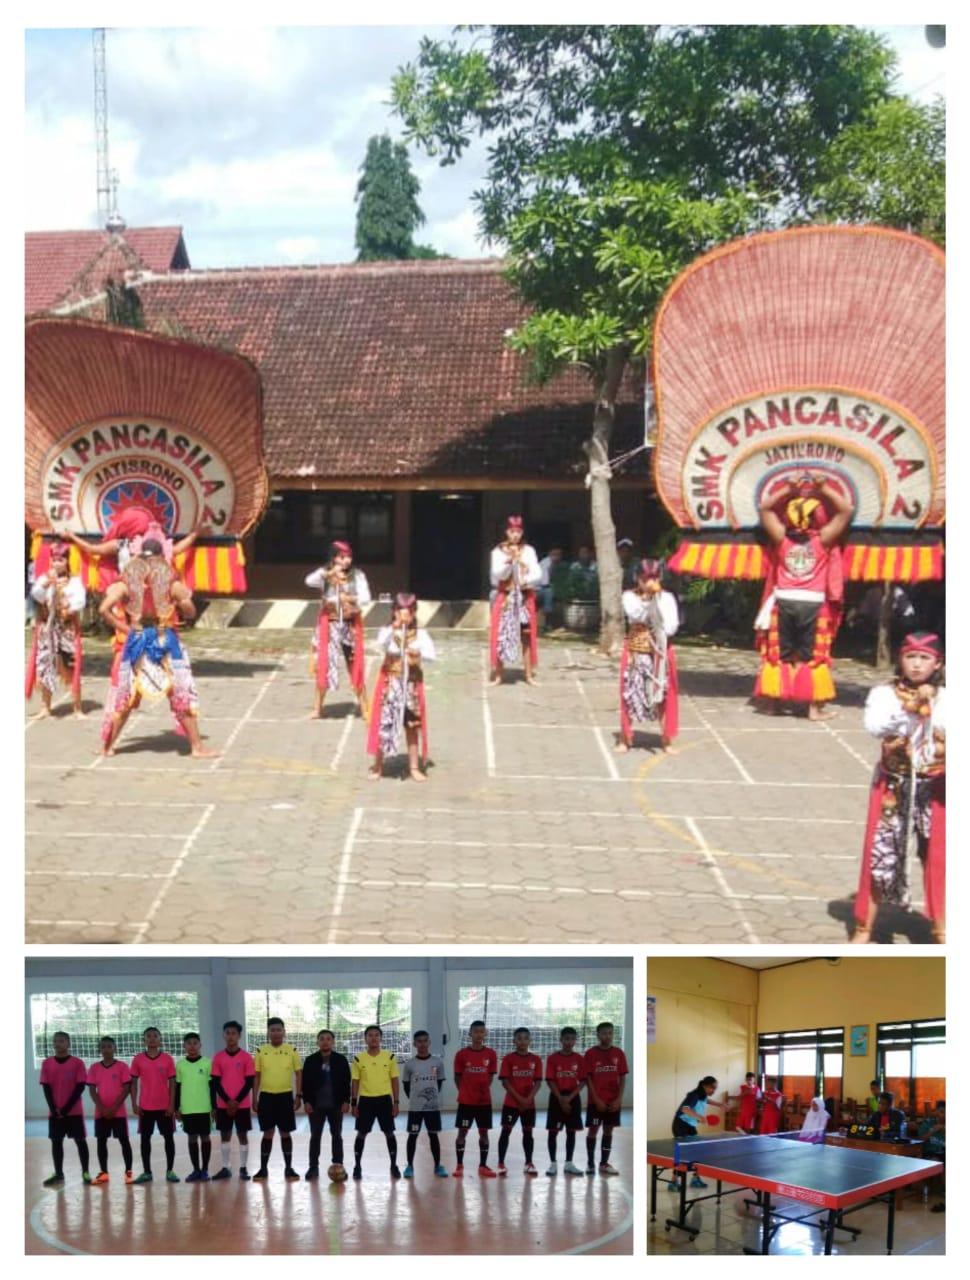 Day 1, Pandu's Anniversary Celebration